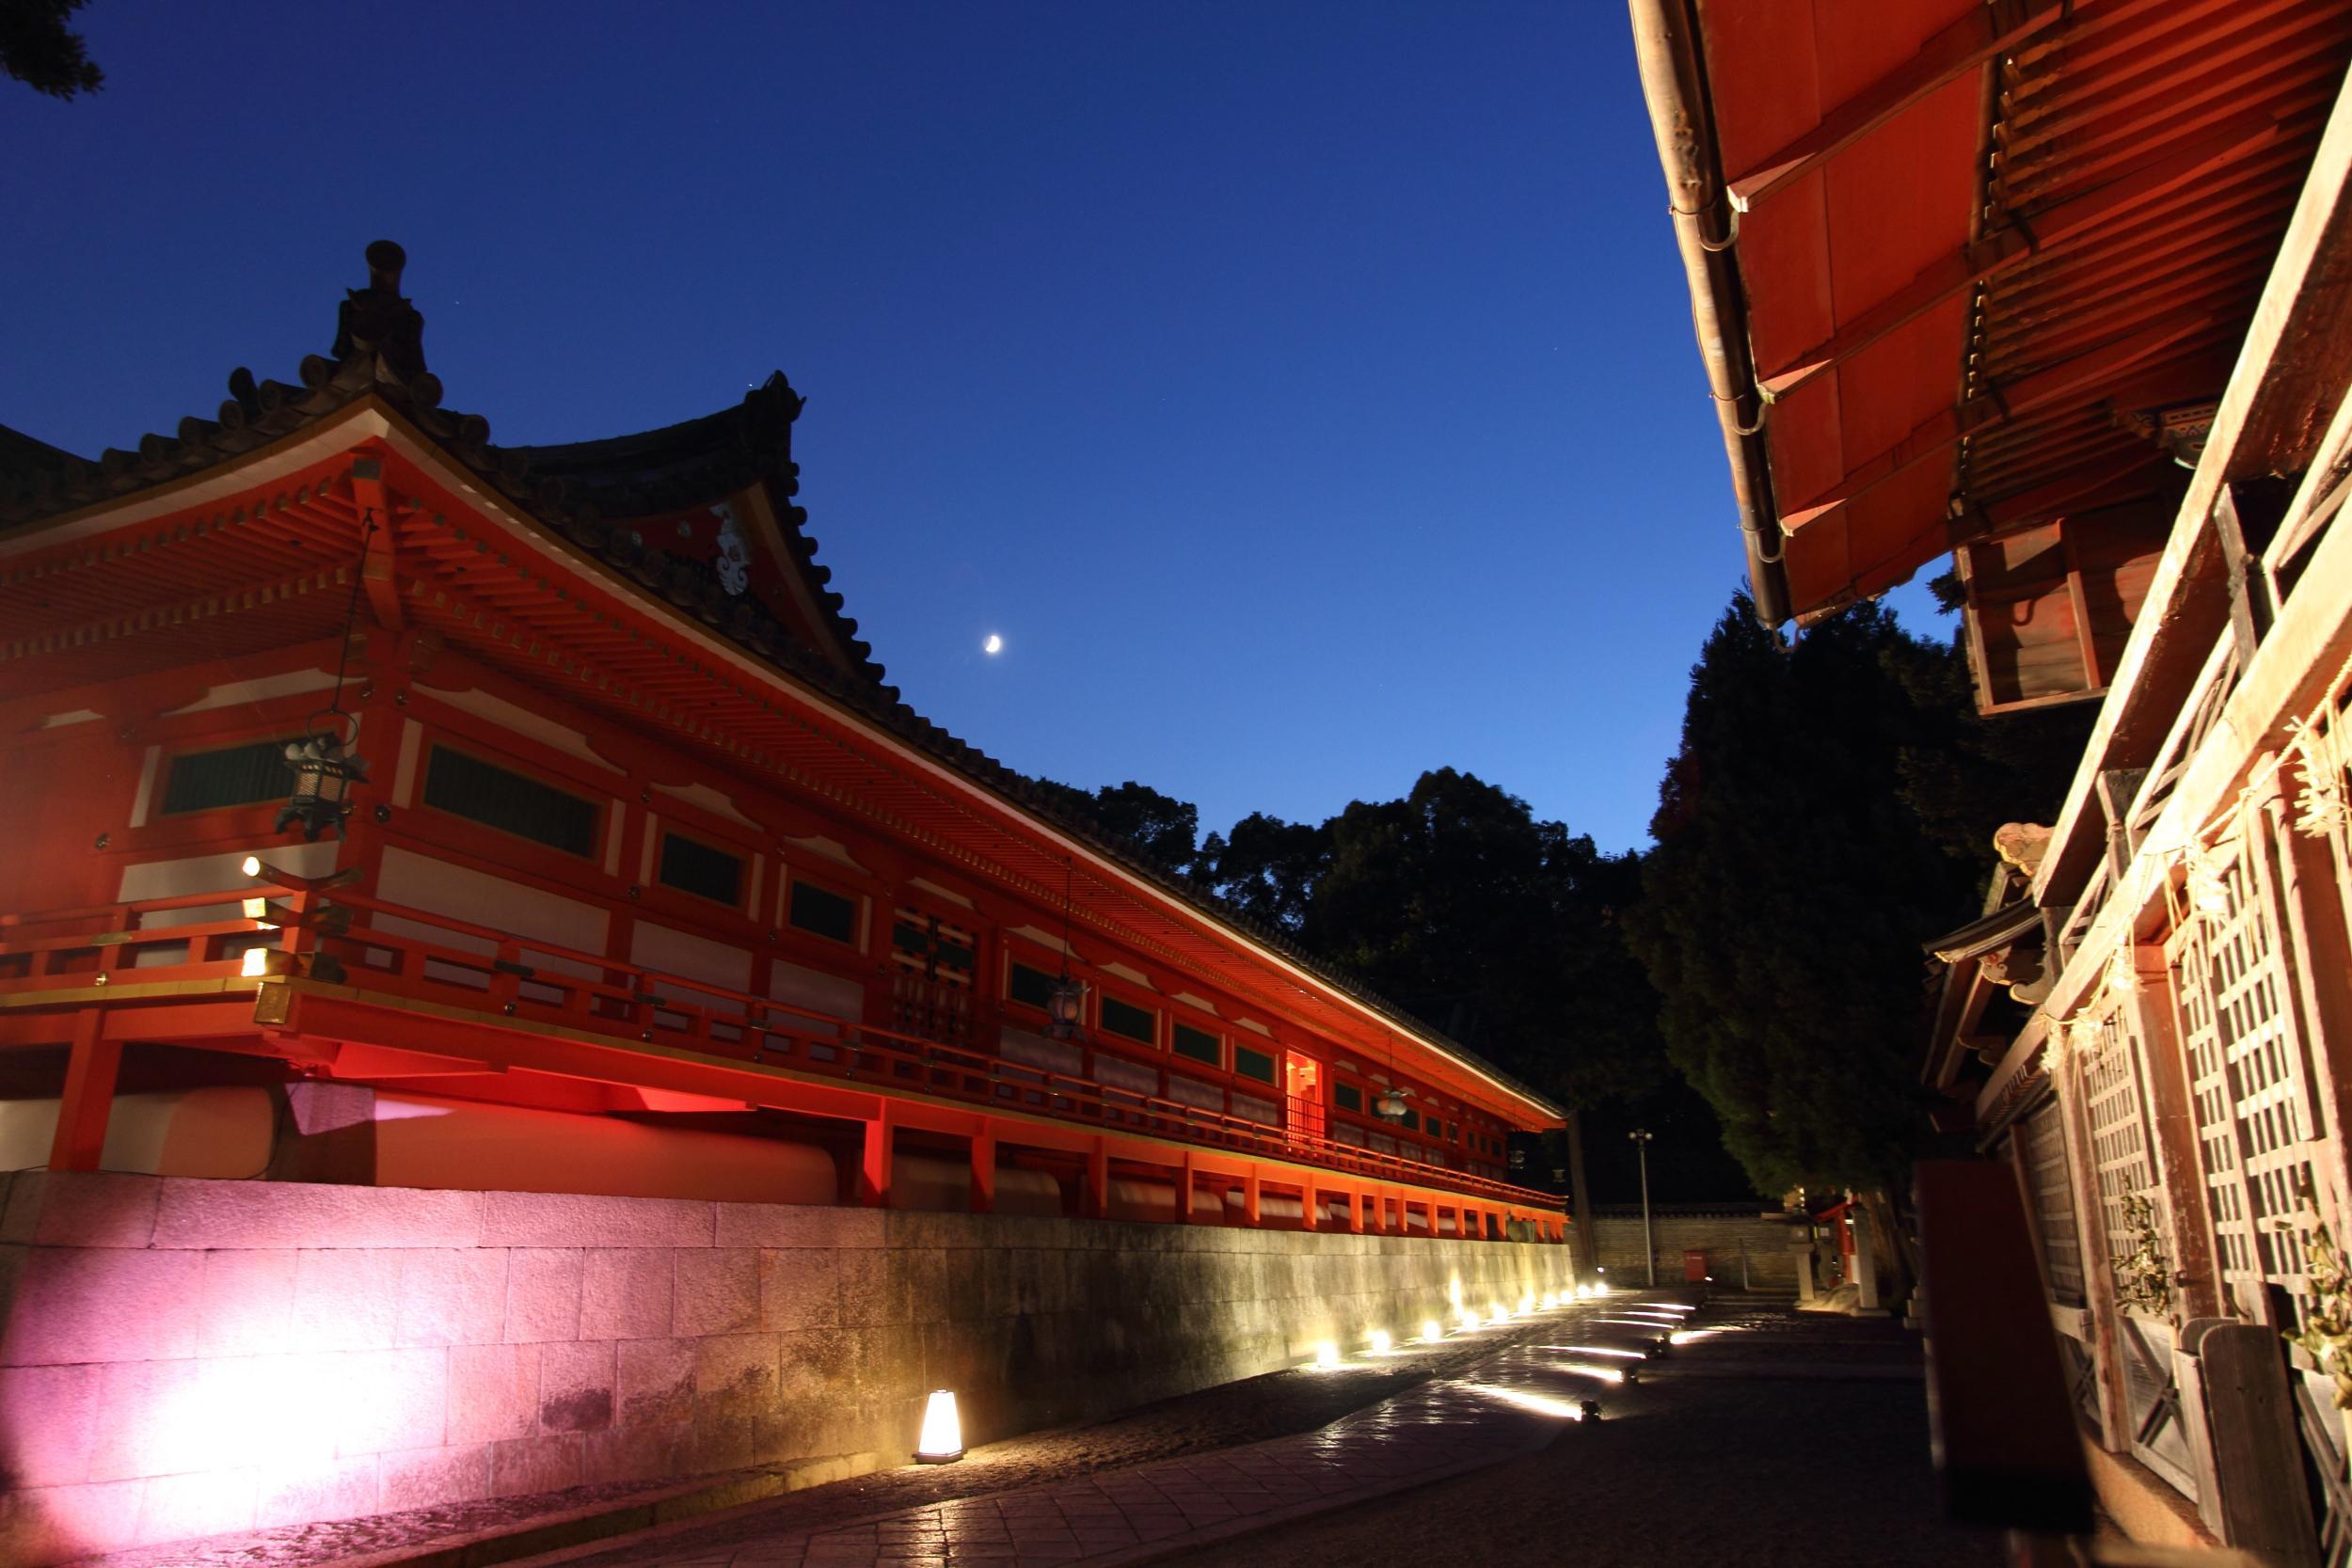 京都 石清水八幡宮 ライトアップ